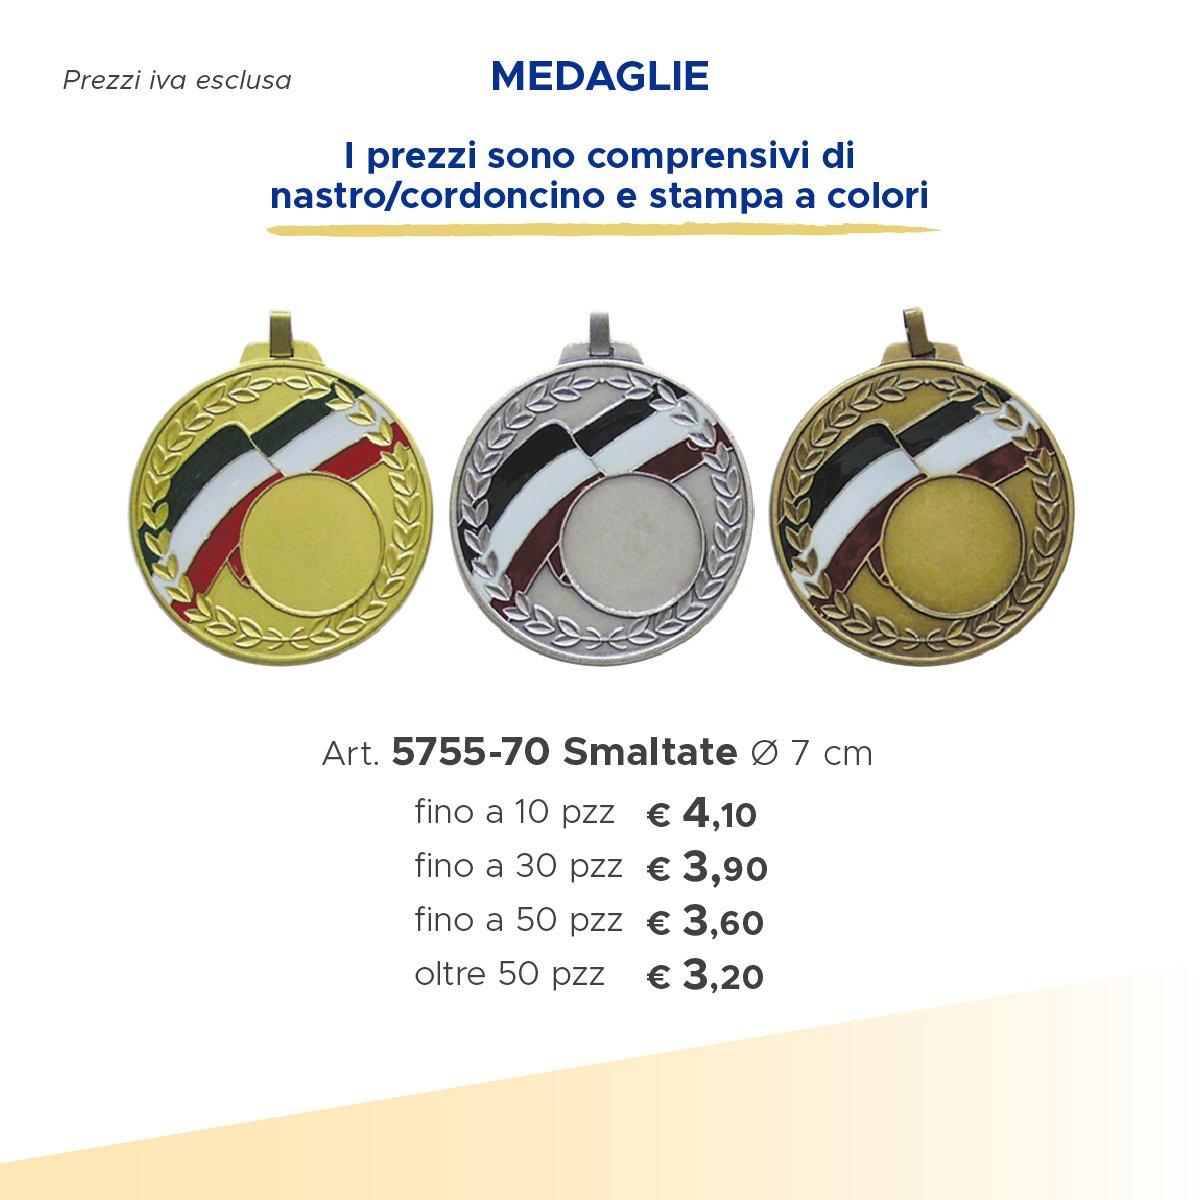 medaglie con bandiera italiana